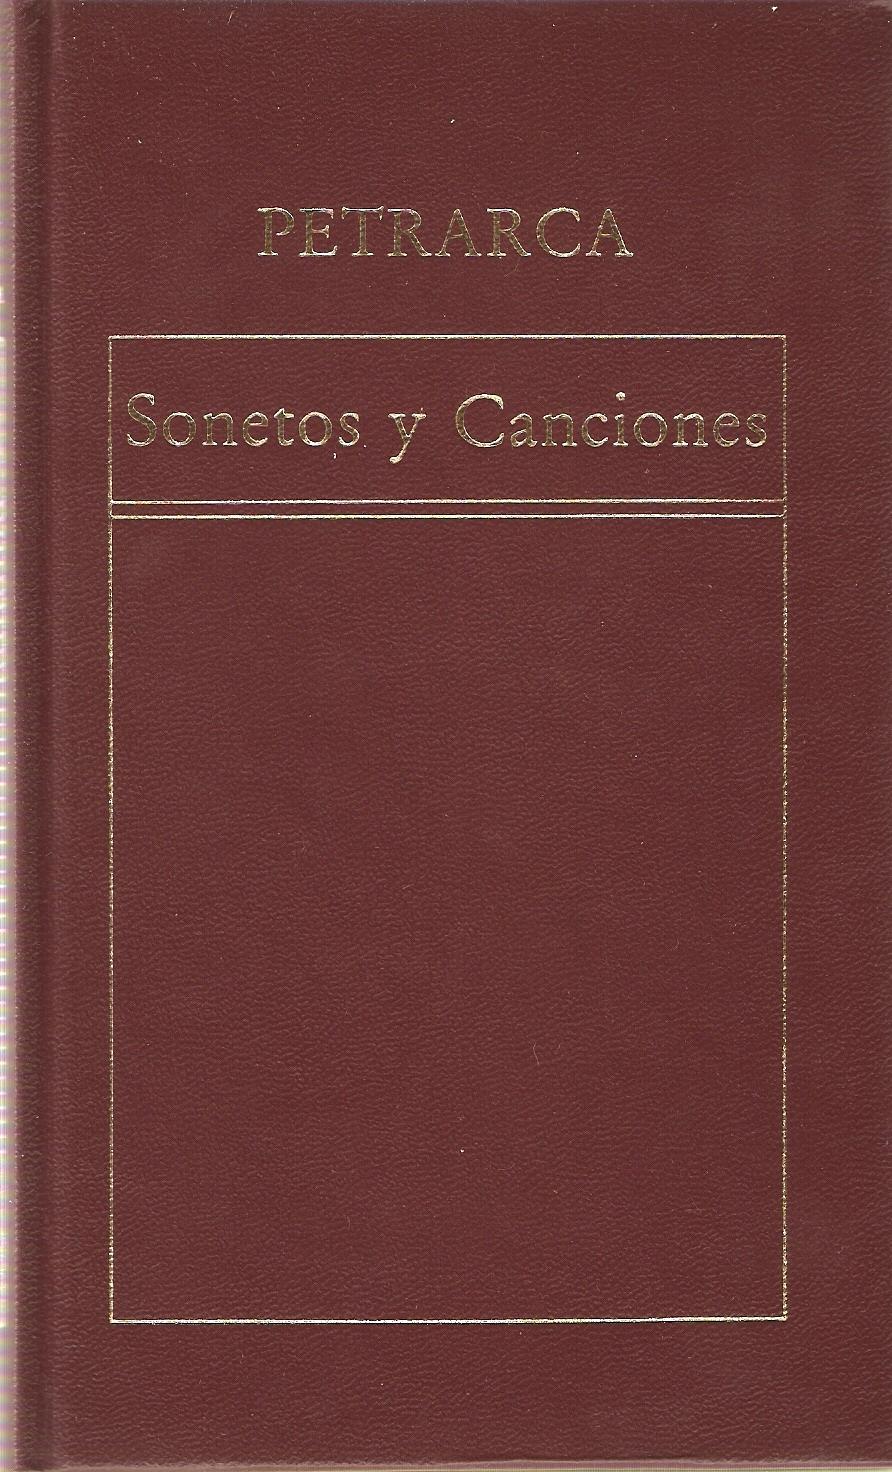 Sonetos y Canciones